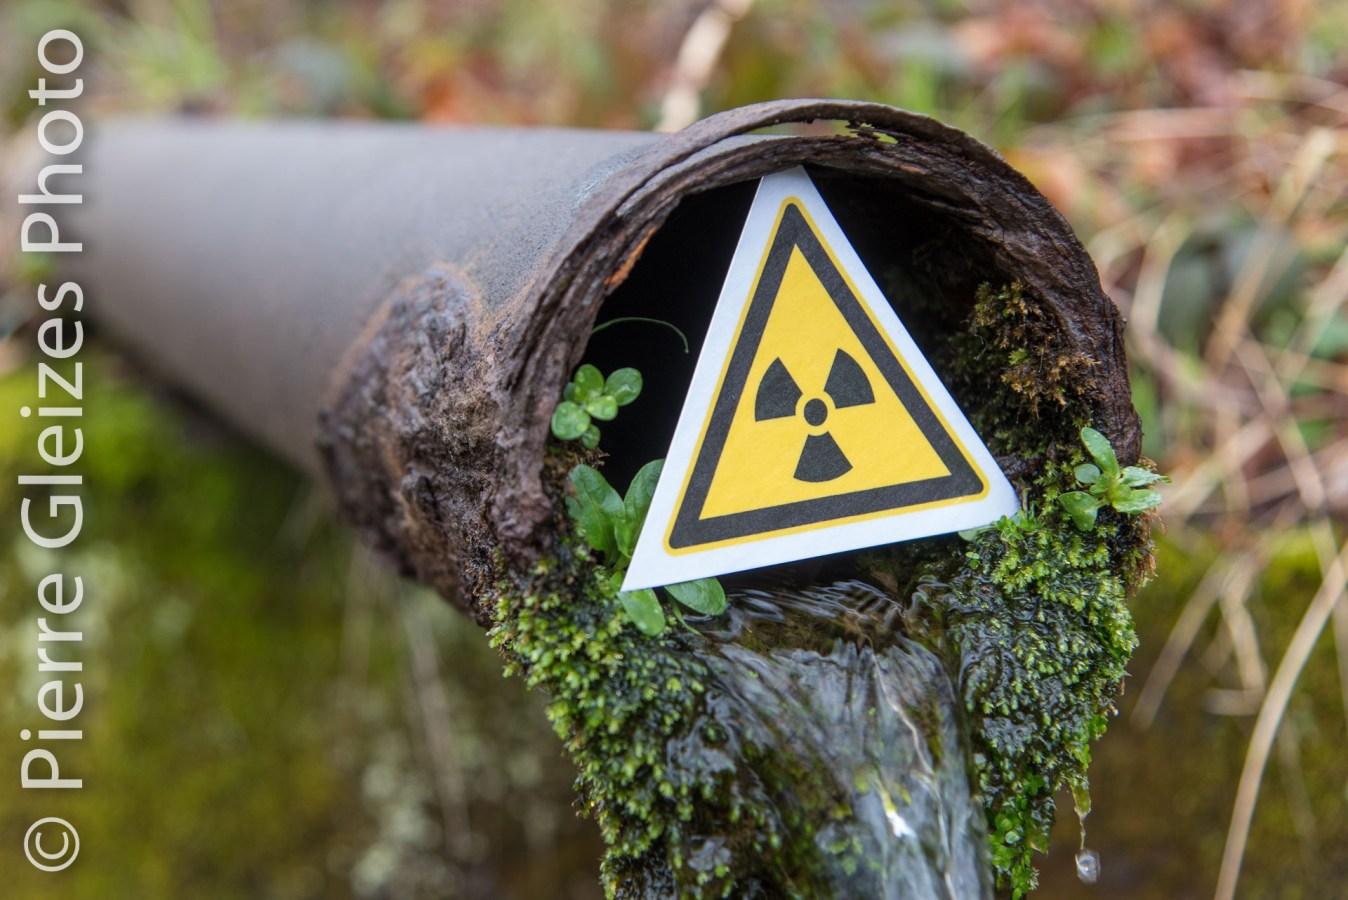 Rejet du drain numéro 6  sous le lac artificiel qui recouvre 1,3 million de tonnes de résidus contamines provenant de la mine d'uranium locale. Rapport 2015 de la CRIIRAD sur le drain numéro 6 : contamination par l'uranium 238 : 24 500 Bq/kg sec soit une valeur 230 fois supérieure a` celle relevée en amont du site de stockage. Exploitation CEA COGEMA AREVA, histoire de la bombe atomique et de l'industrie nucléaire. Le barrage digue de 42 mètres de hauteur n'est pas aux normes Grands Barrages. Le symbole de radioactivité a été place par le photographe.